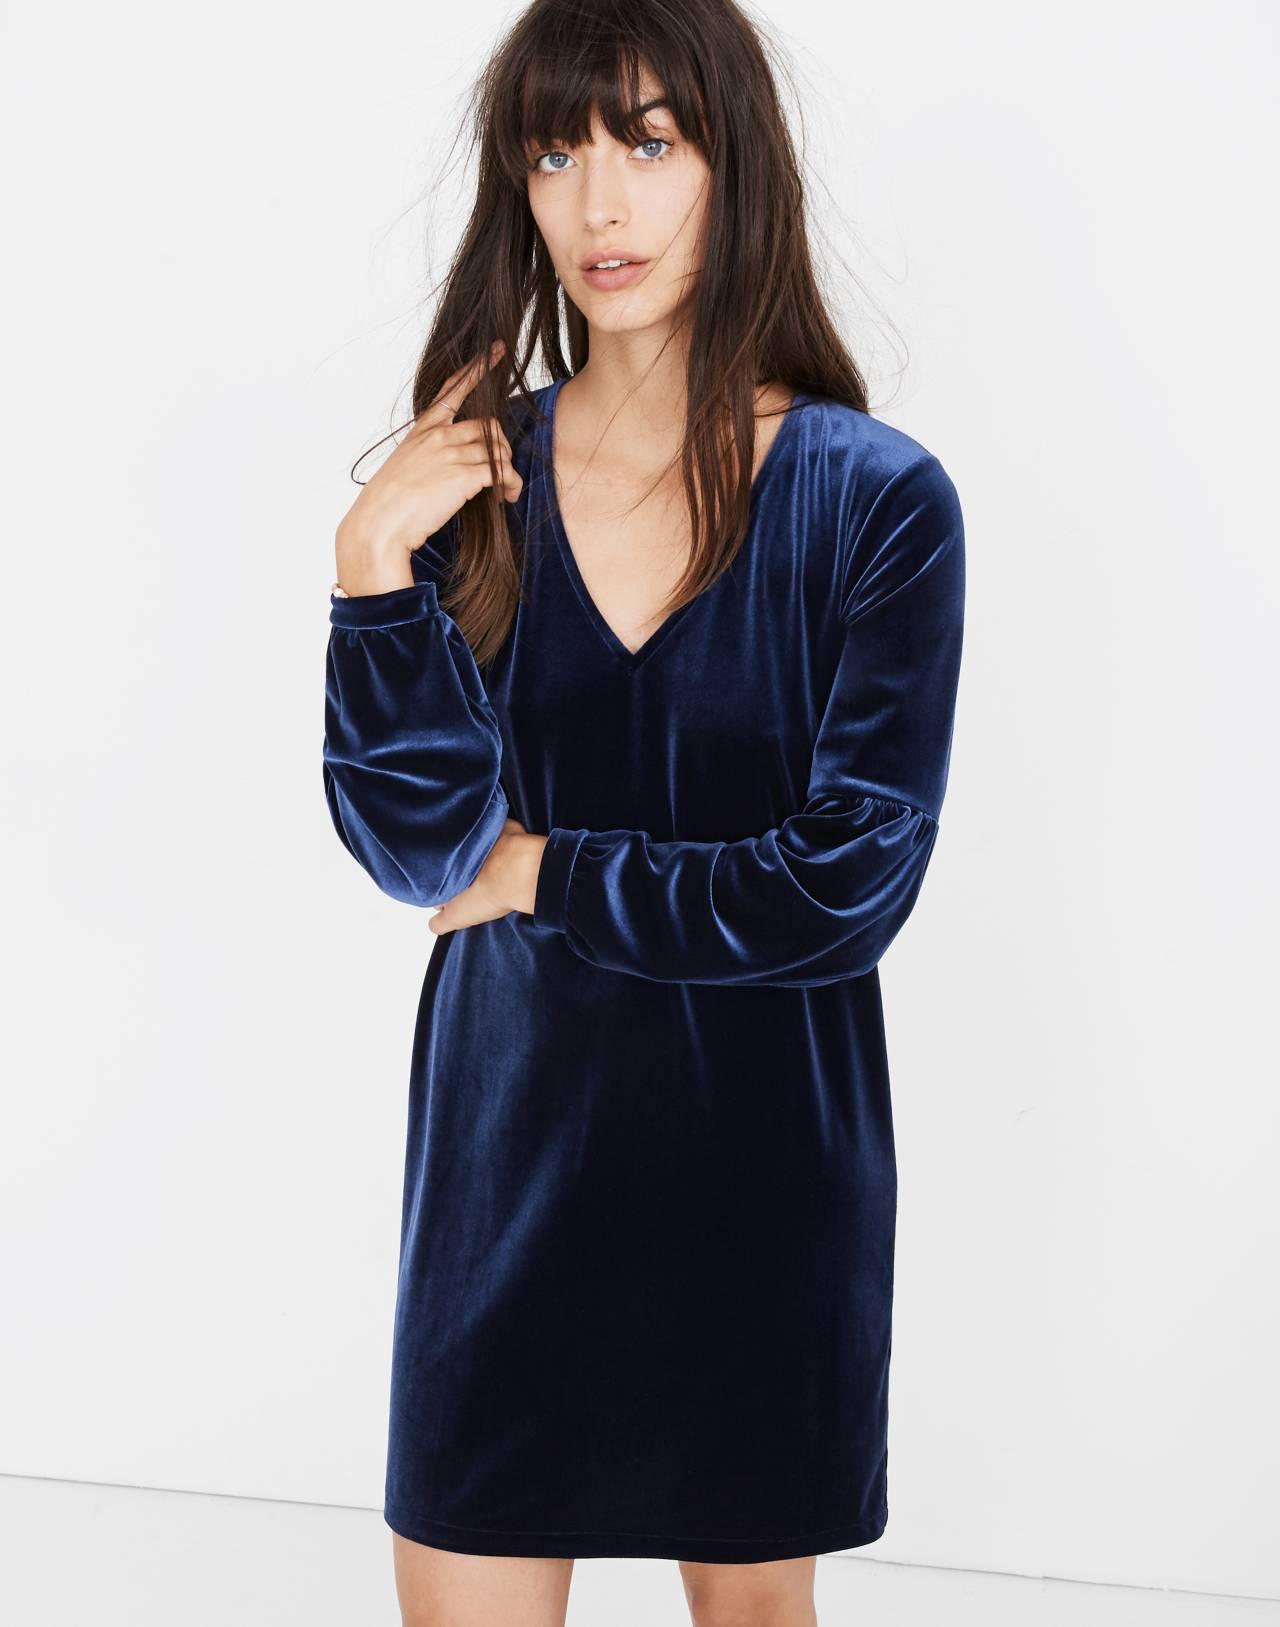 Velvet Balloon-Sleeve Dress in deep navy image 1